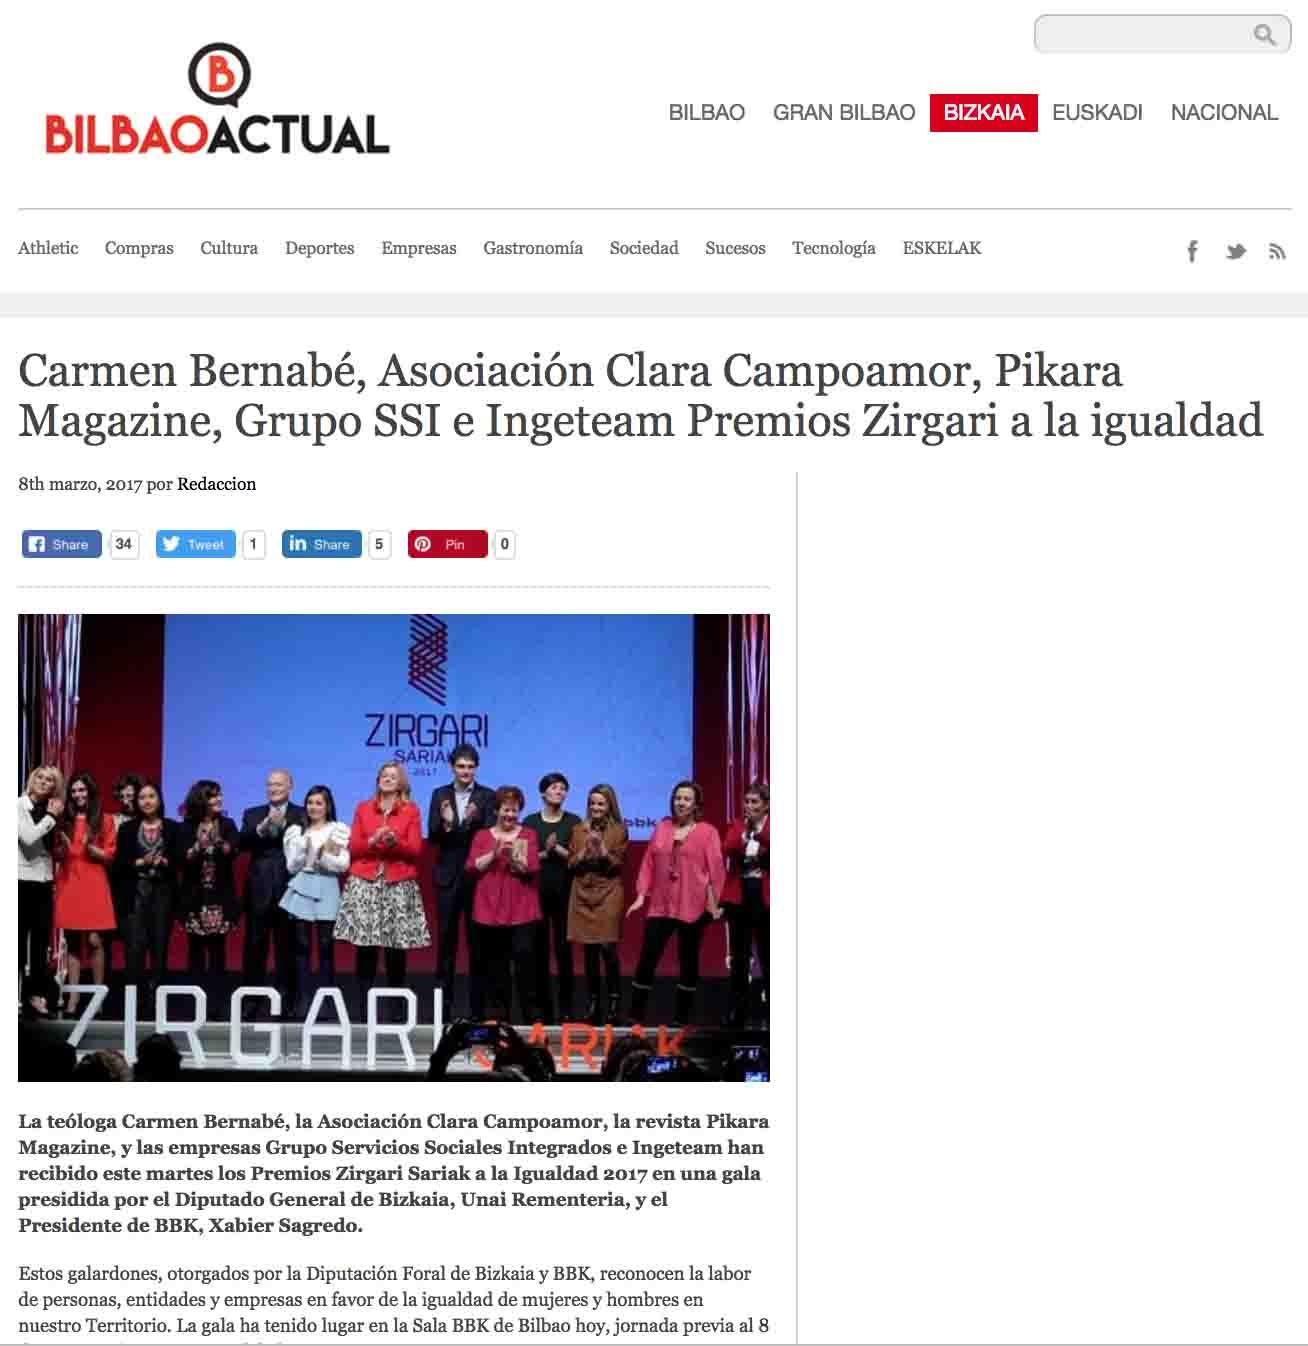 %22Premios Zirgari Sariak 2017%22, Periódico Bilbao Actual